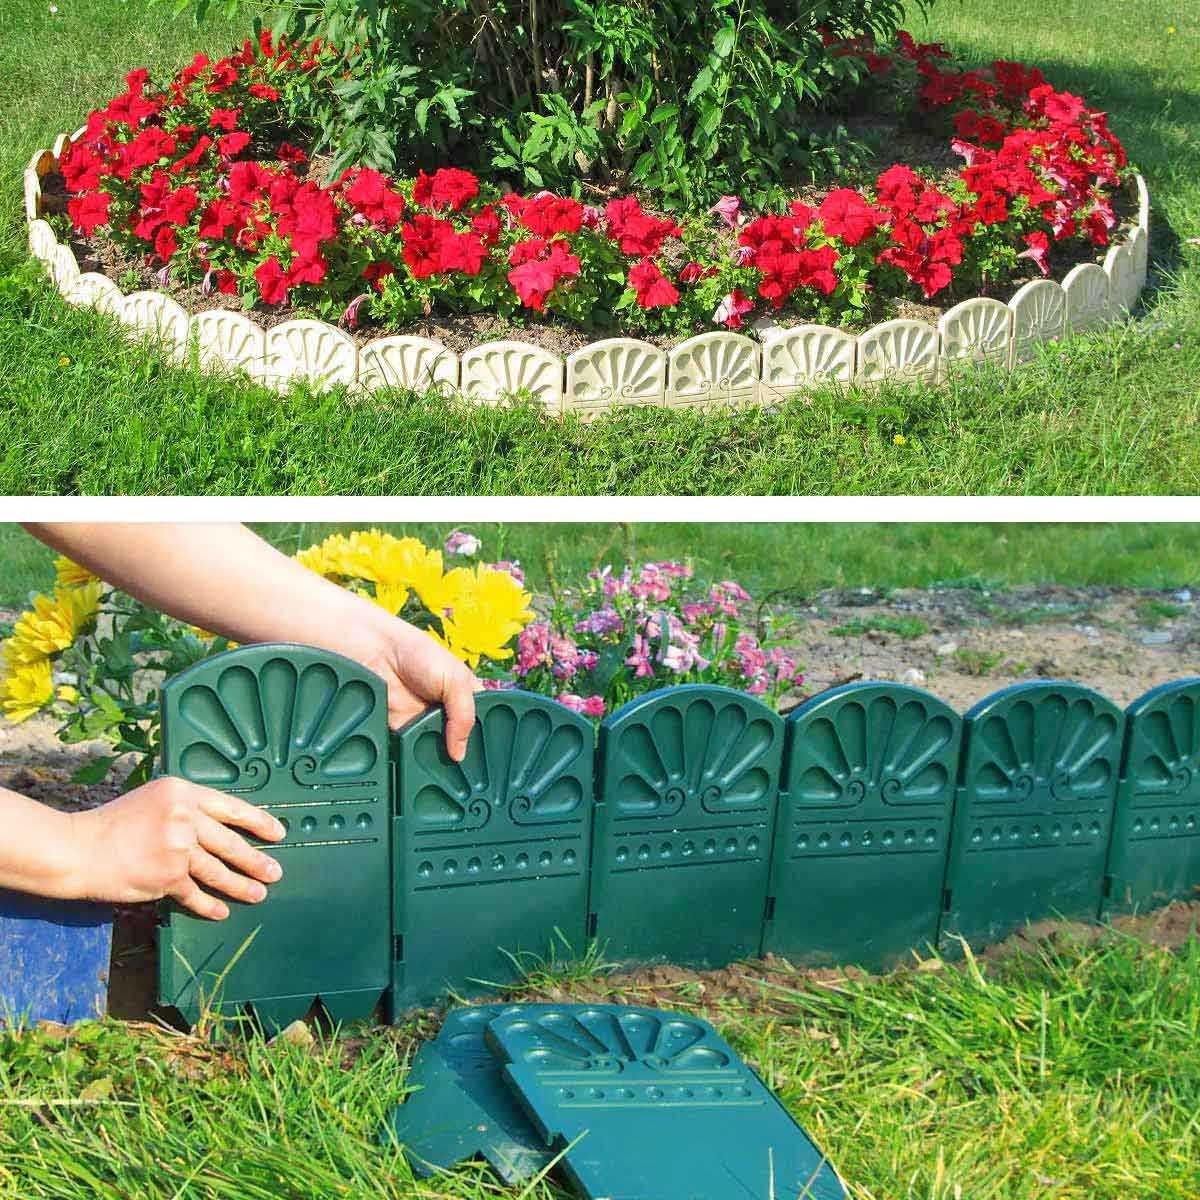 bordures decoratives de jardin en plastique vente au meilleur prix jardins animes